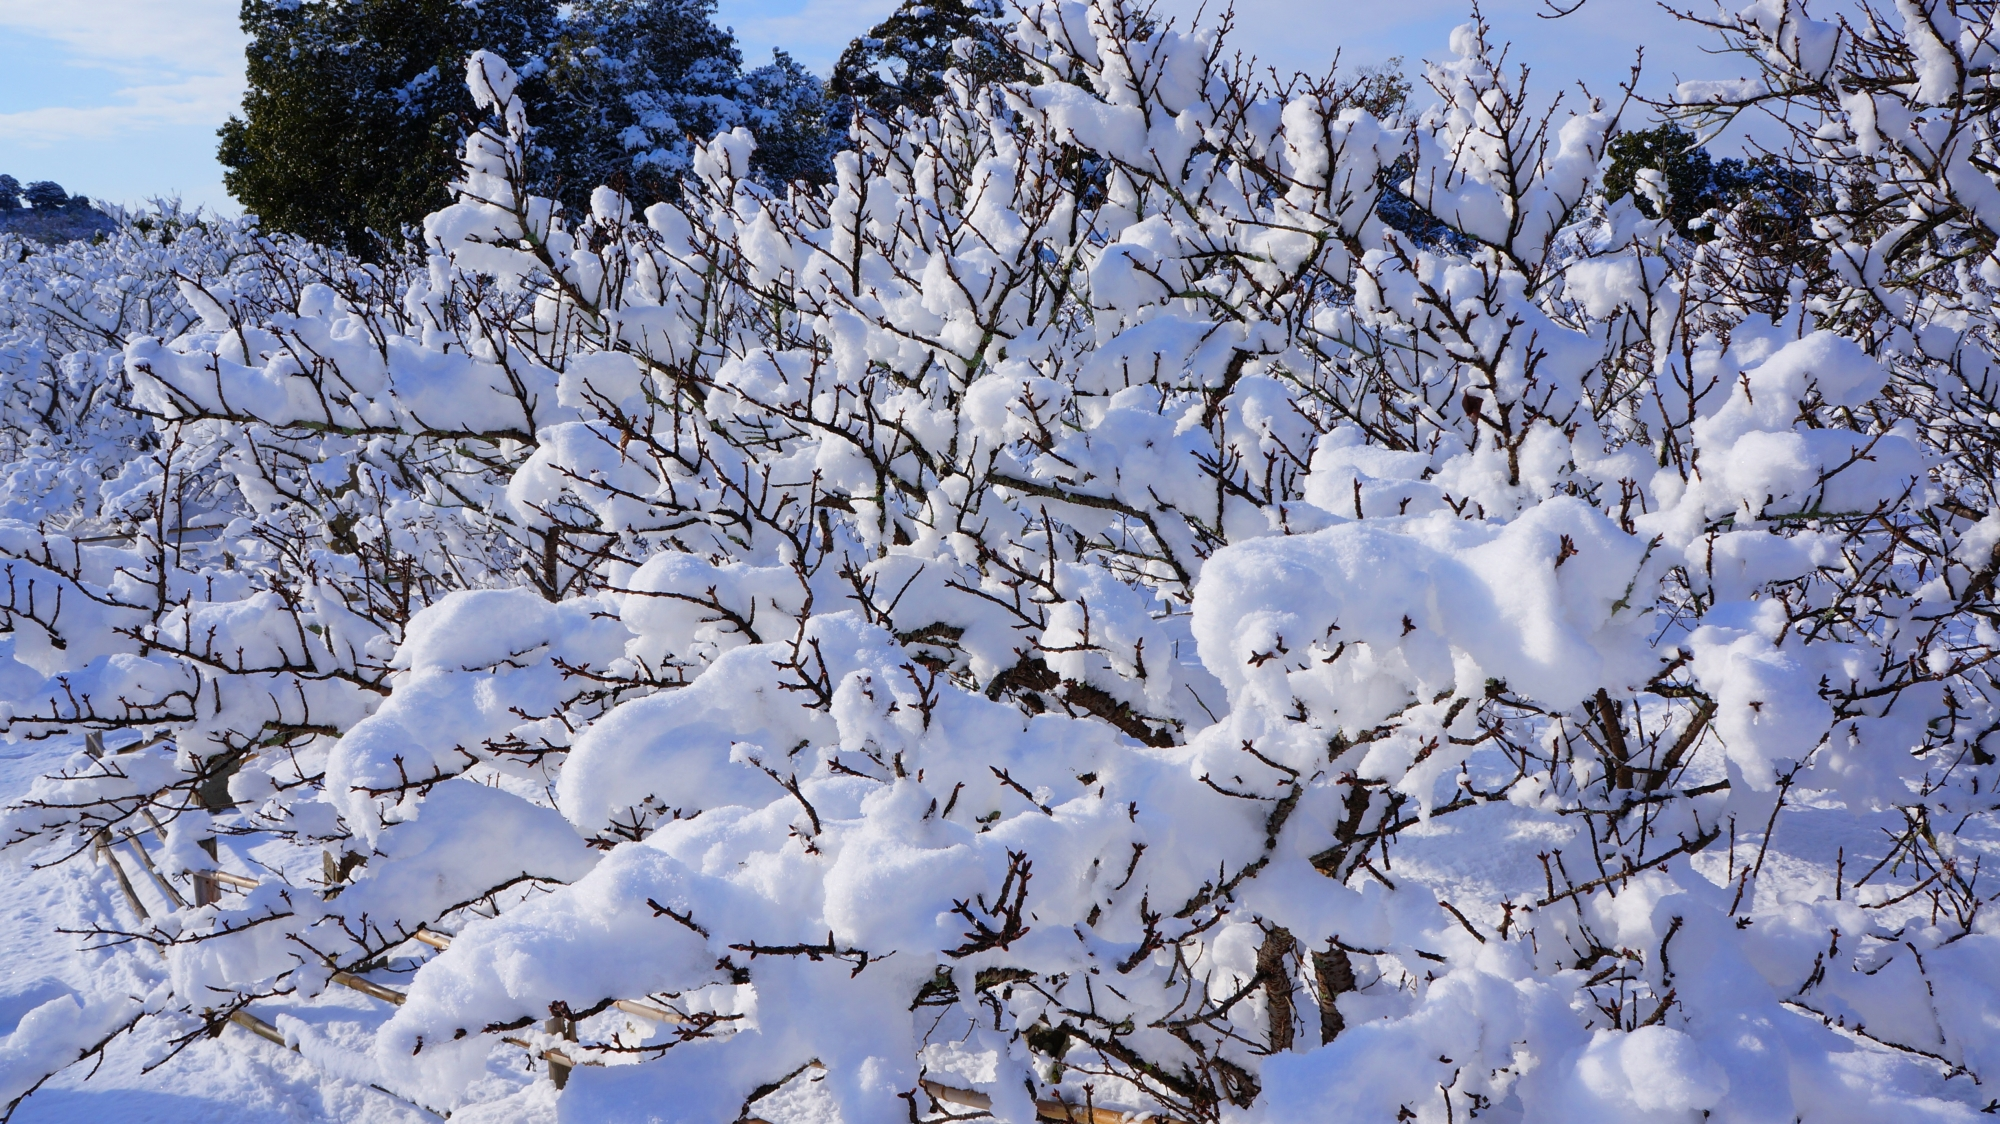 枝の先までびっしり雪が積もる御室桜